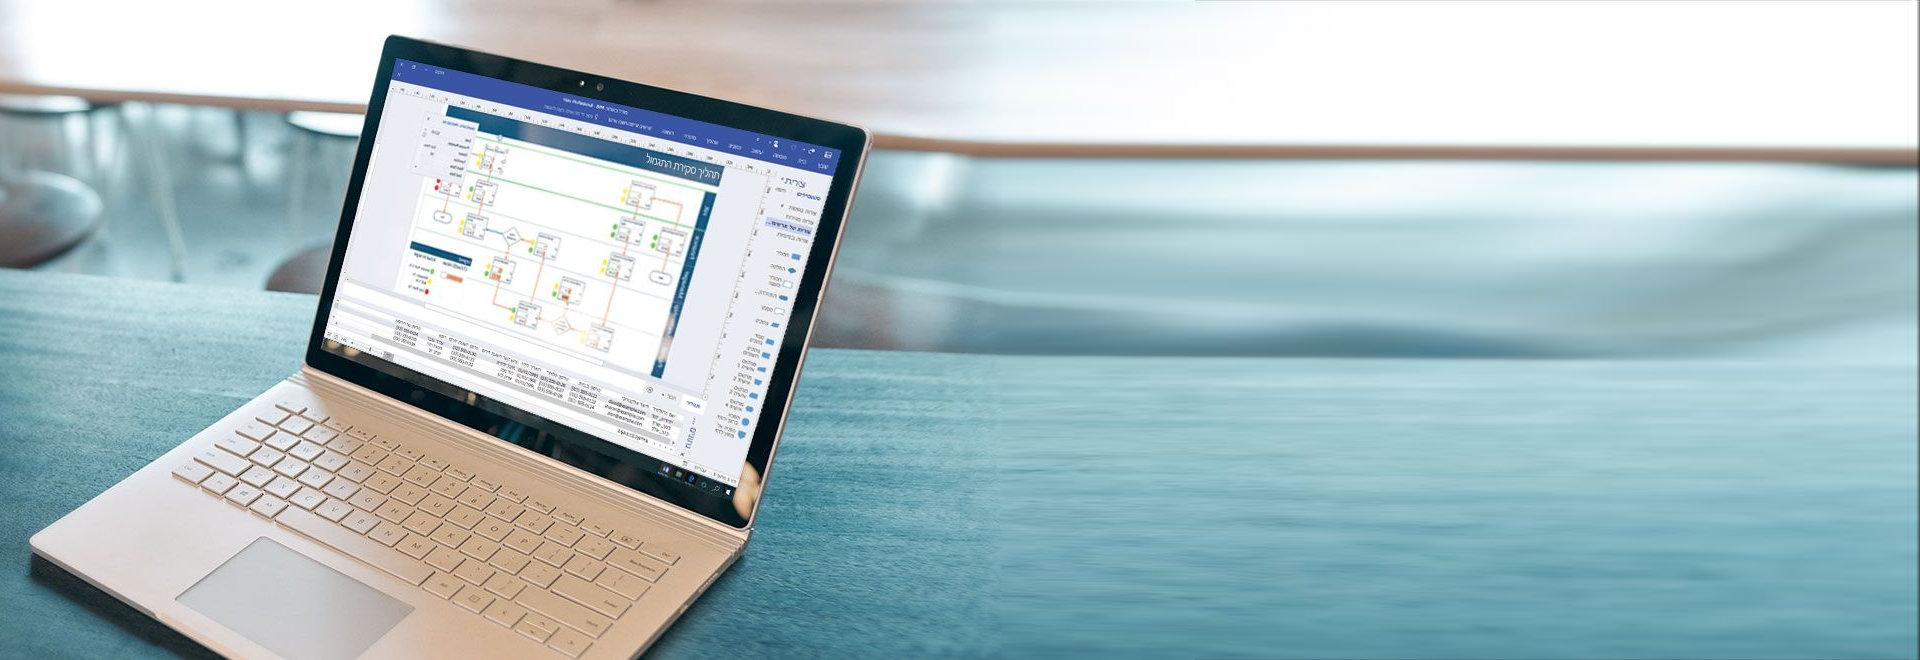 מחשב נישא שמציג דיאגרמת זרימת עבודה של תהליך ב- Visio